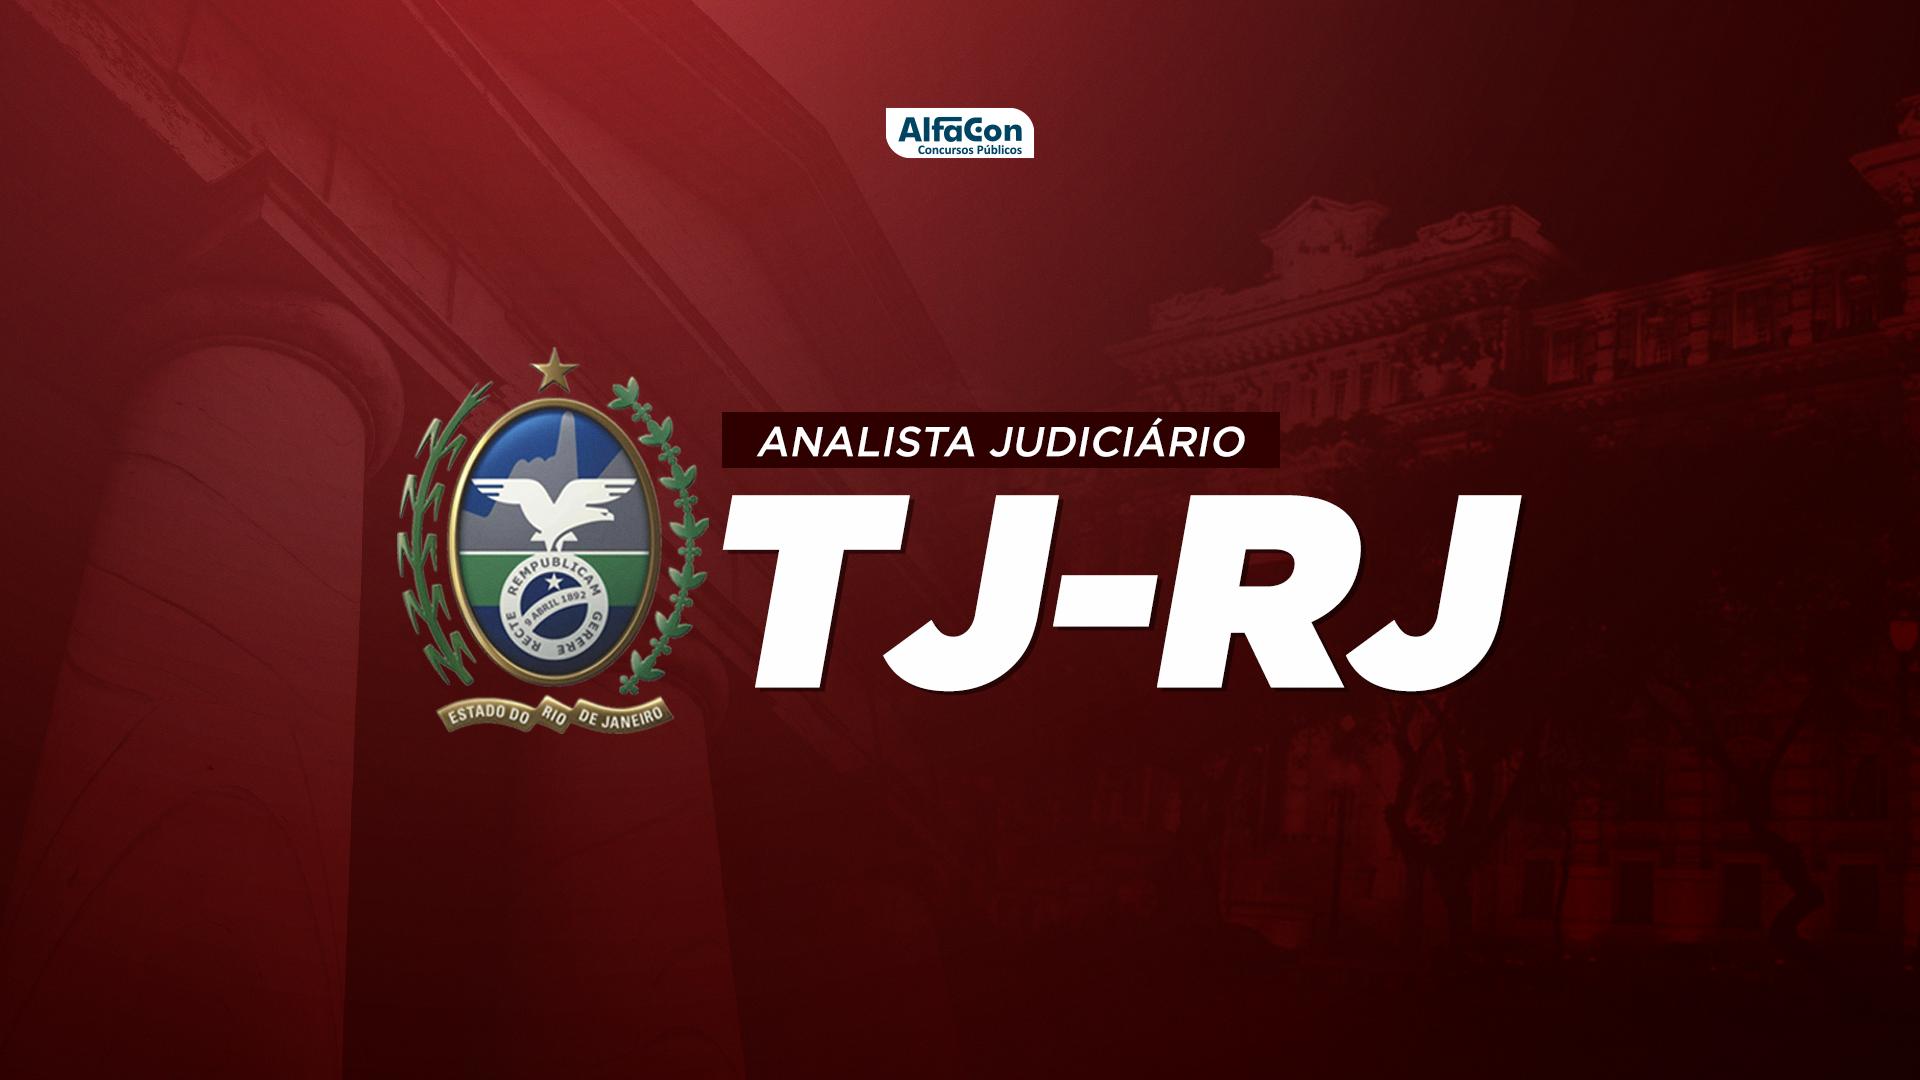 TJ RJ - Analista Judiciário (Sem Especialidade) - Tribunal de Justiça do Rio de Janeiro